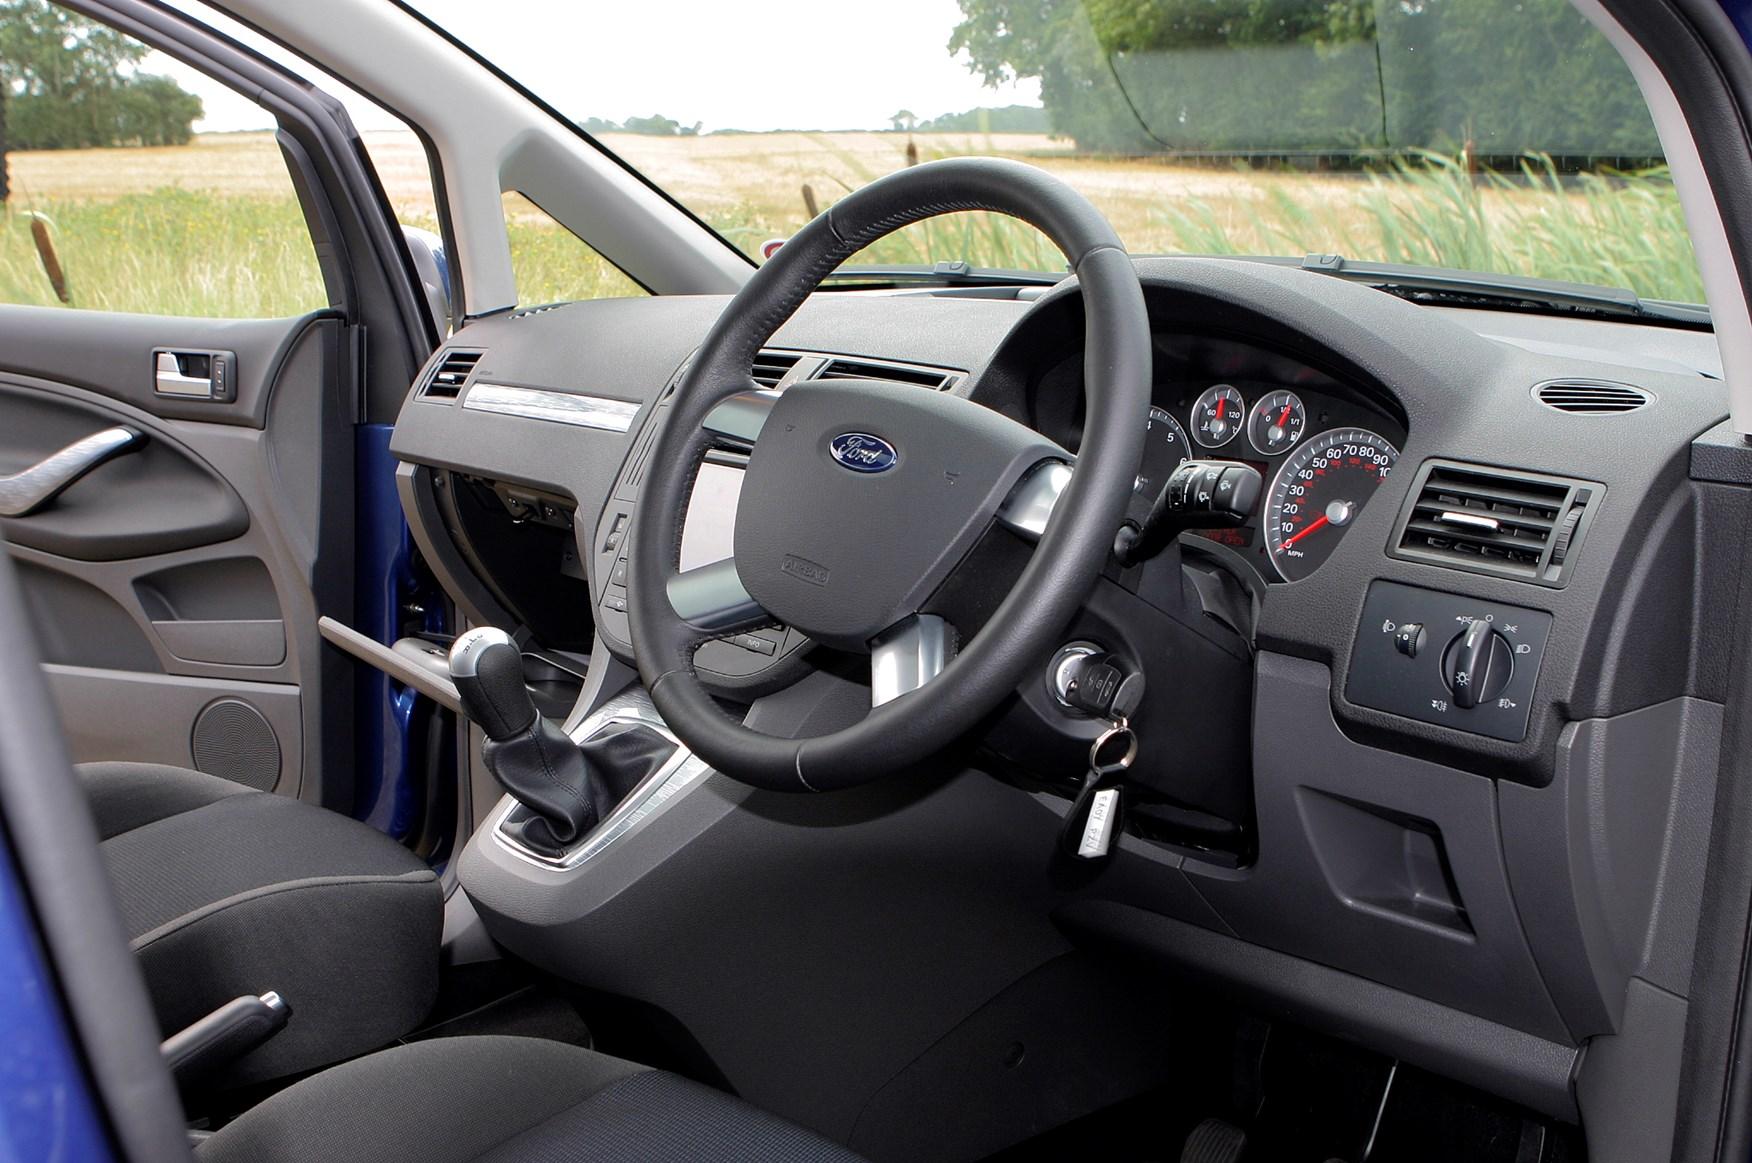 Ford C Max Interior Dimensions